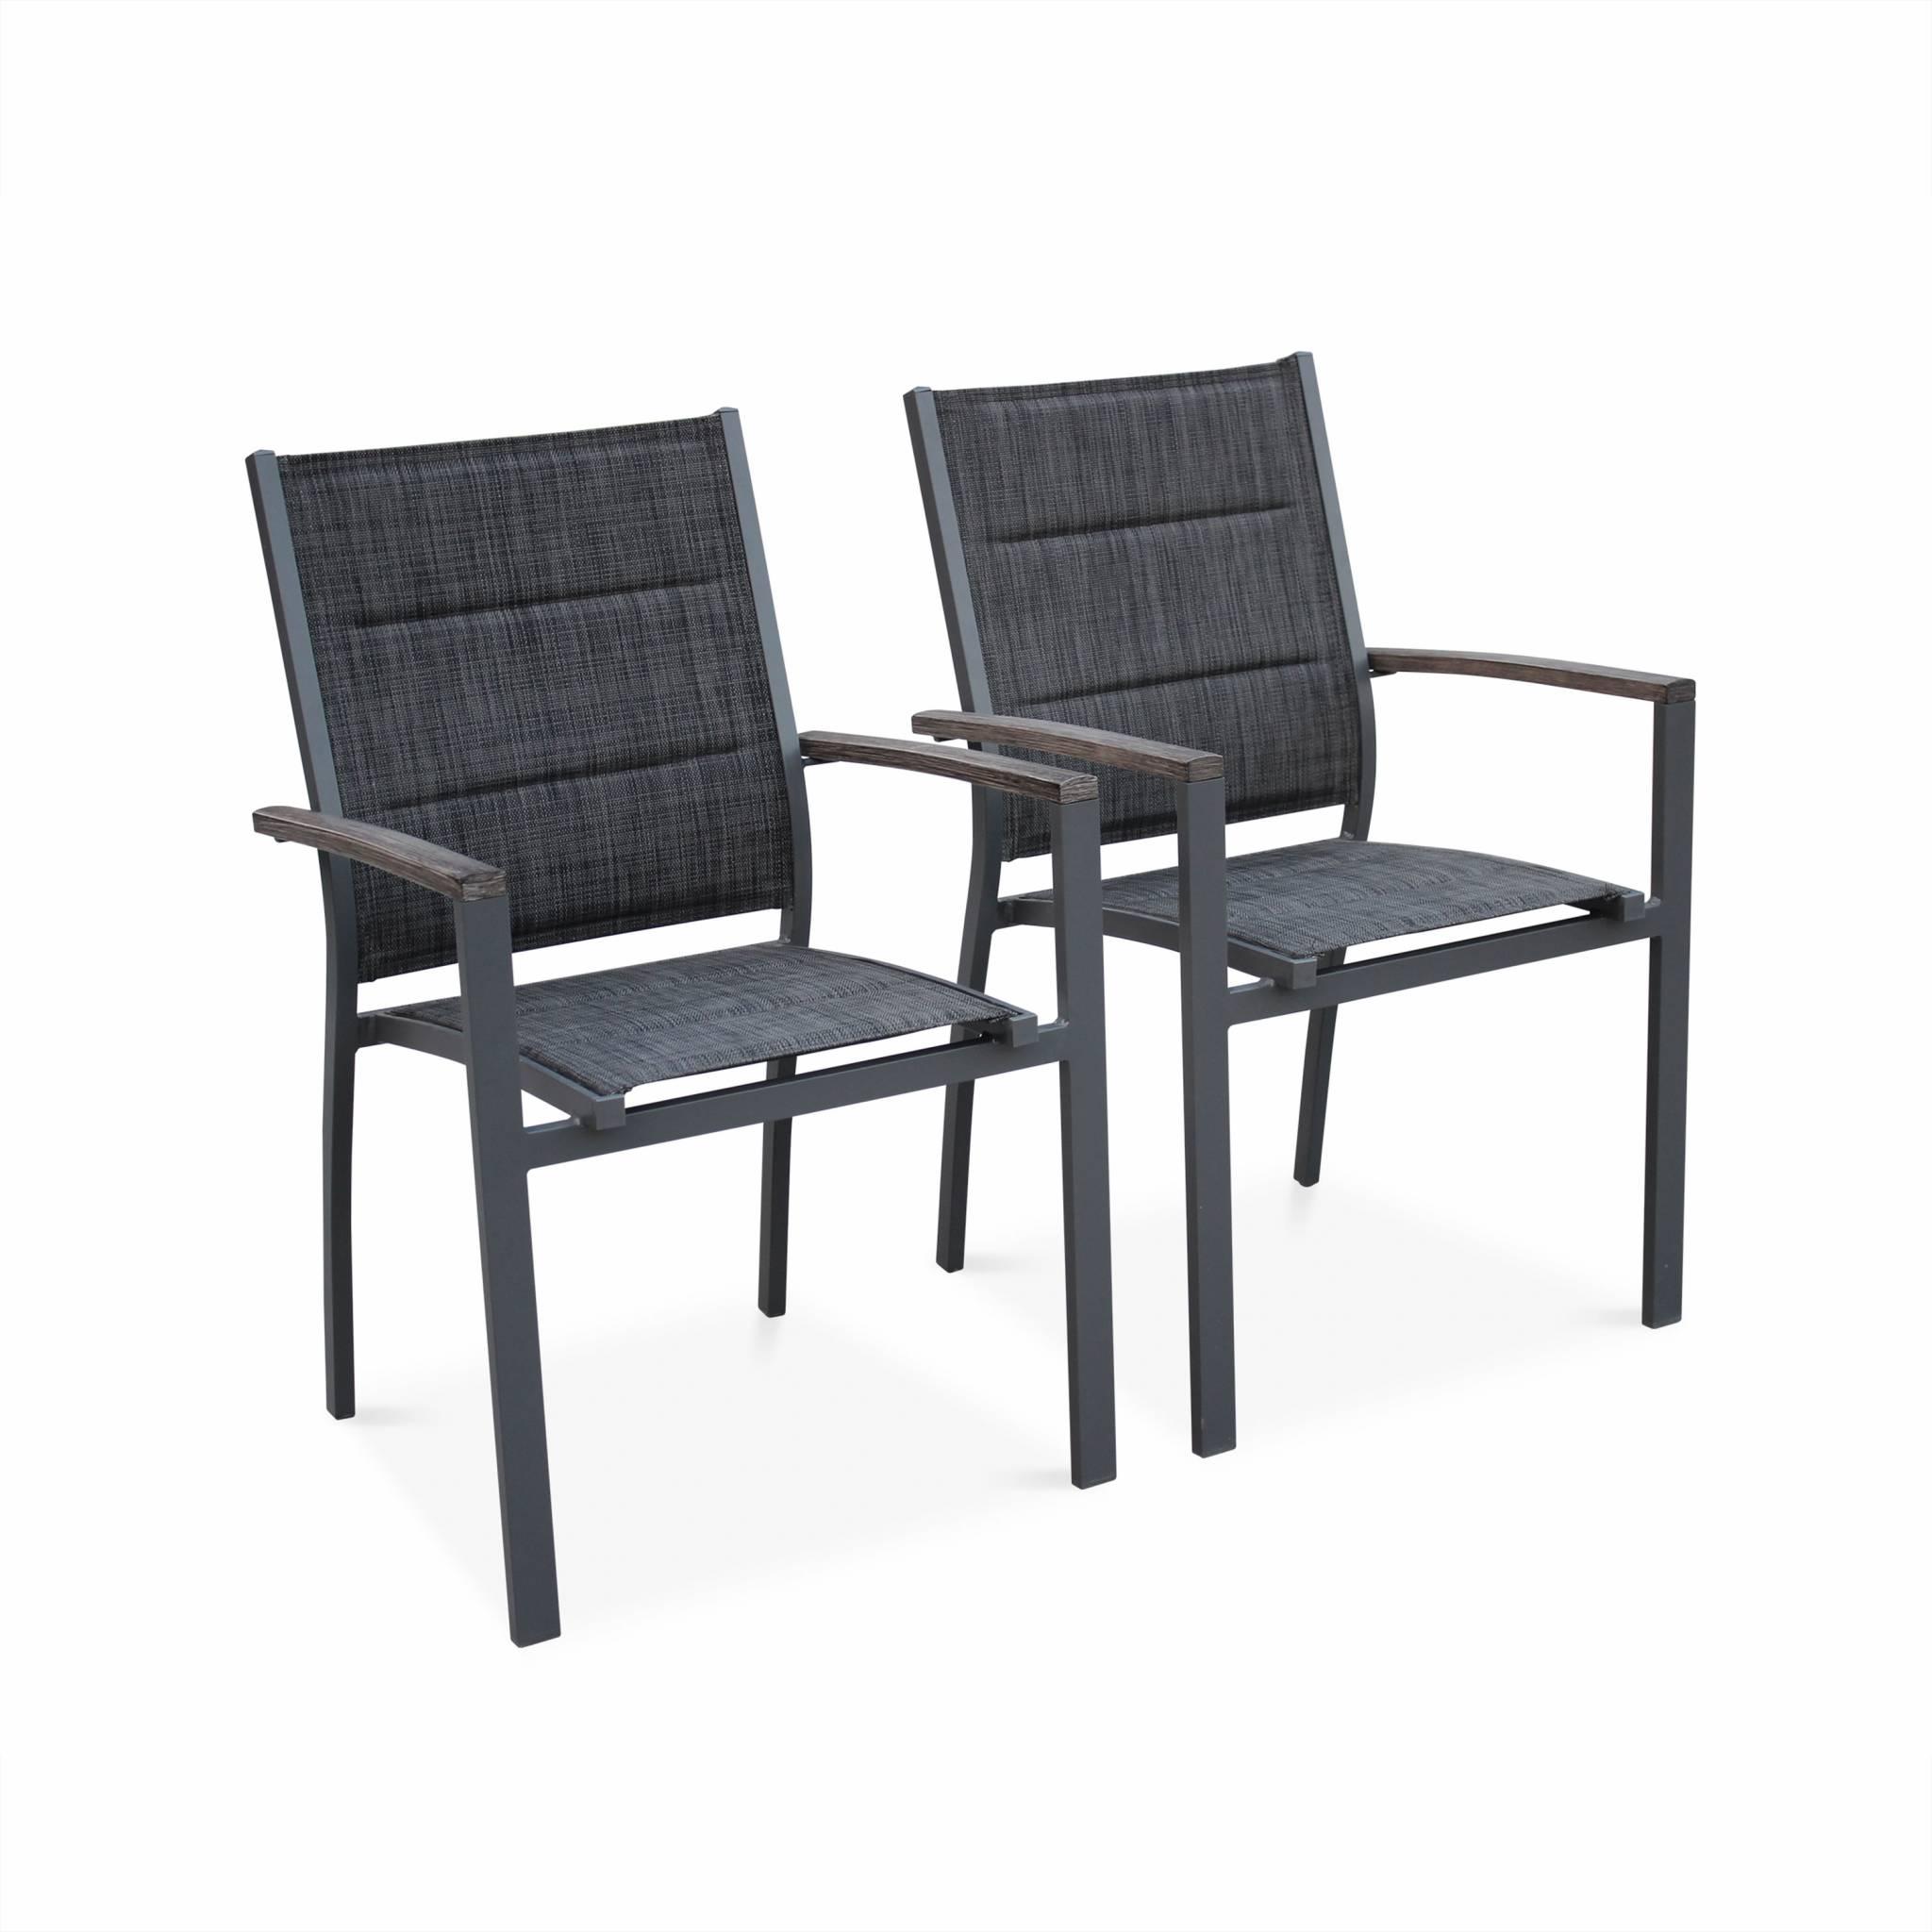 Lot de 2 fauteuils en aluminium et textilène gris foncé